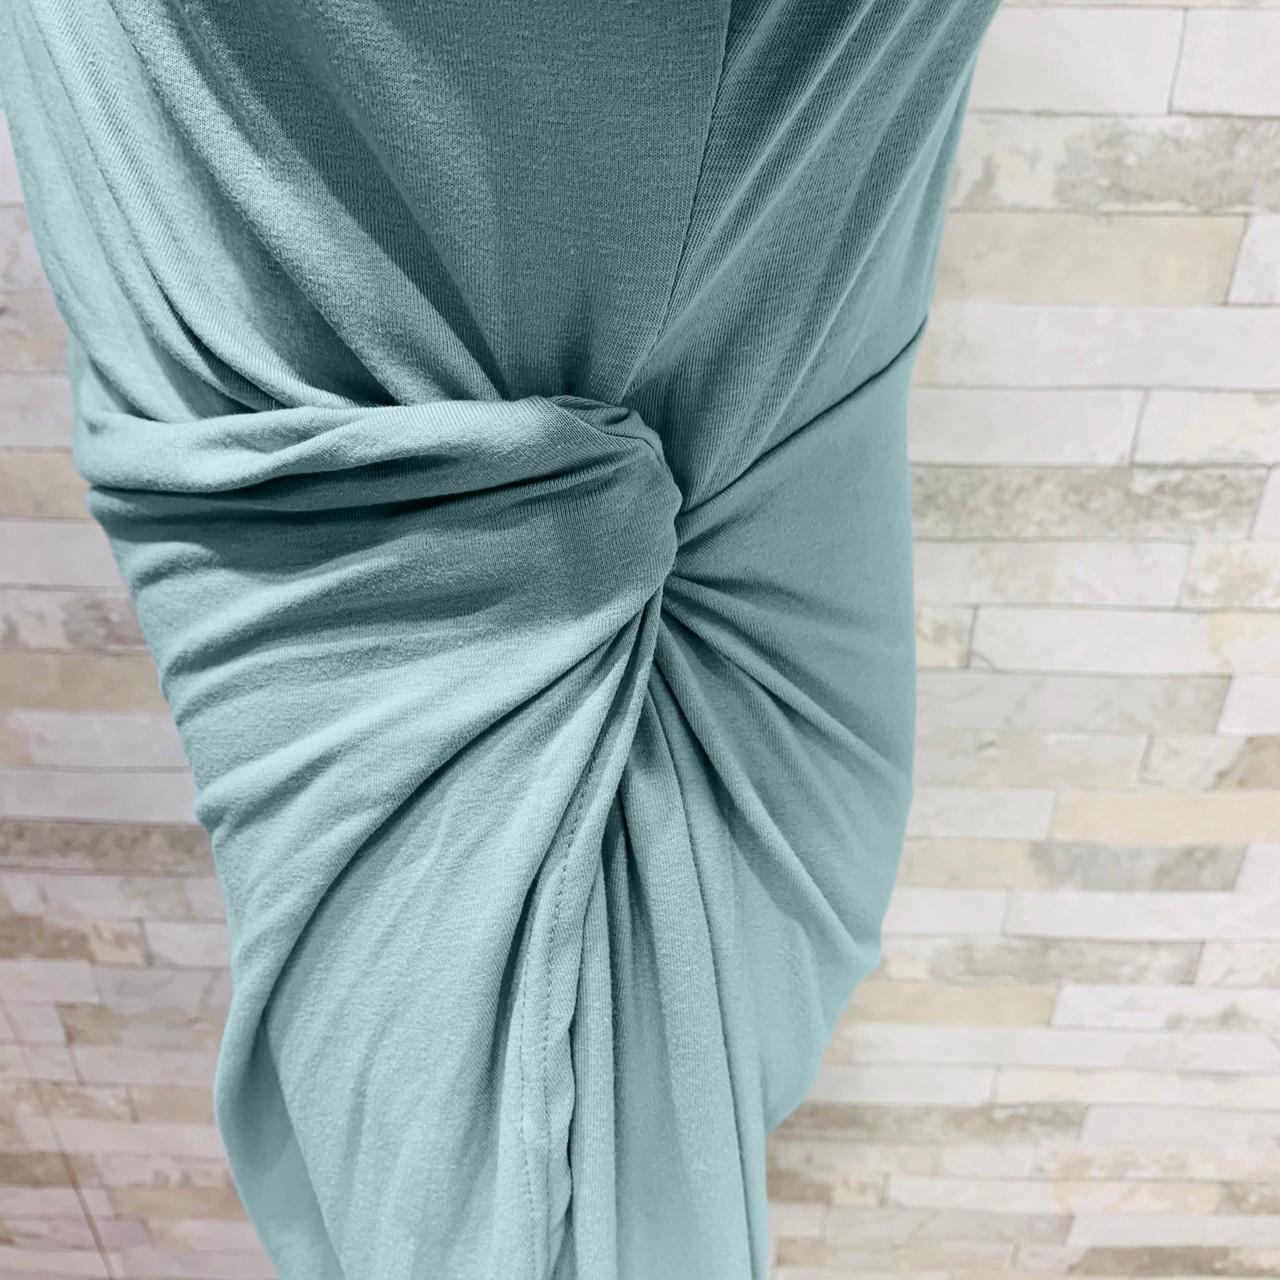 韓国 ファッション ワンピース 夏 春 カジュアル PTXI188  アシンメトリー ツイスト ドレープ スリット オルチャン シンプル 定番 セレカジの写真19枚目